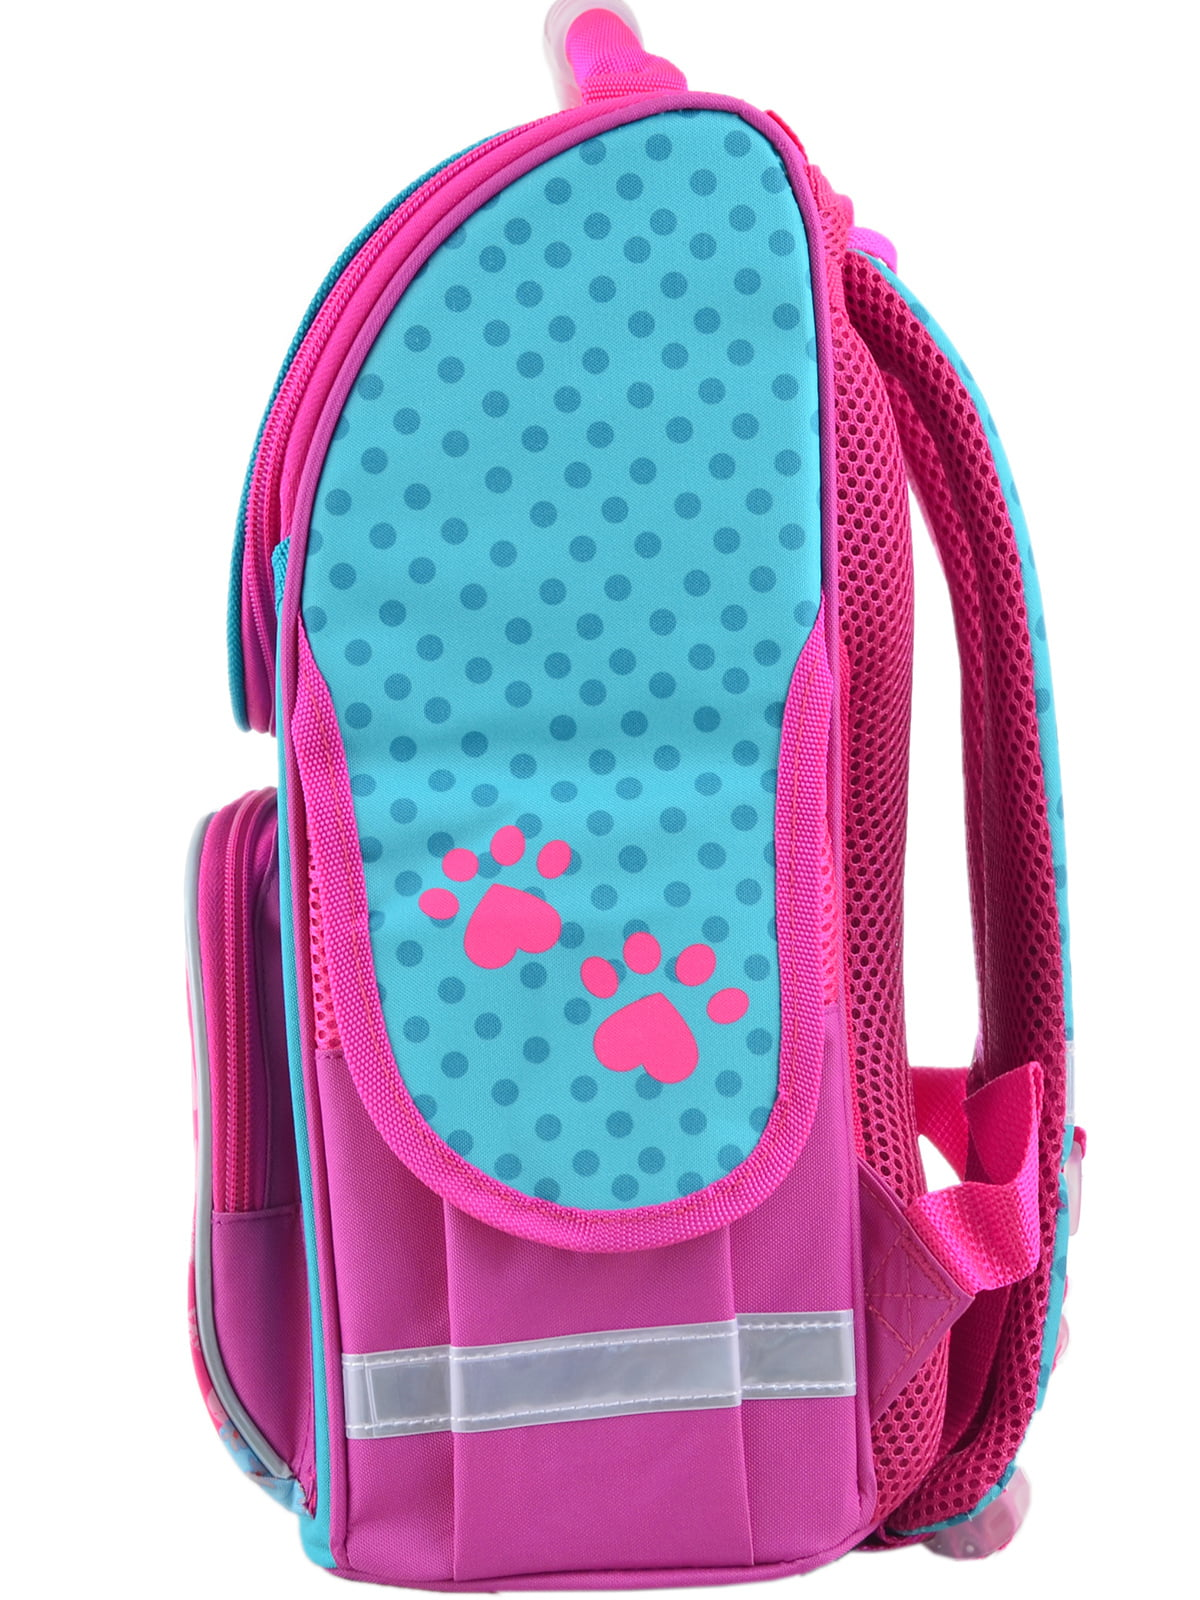 Рюкзак рожевий з принтом | 4235635 | фото 4